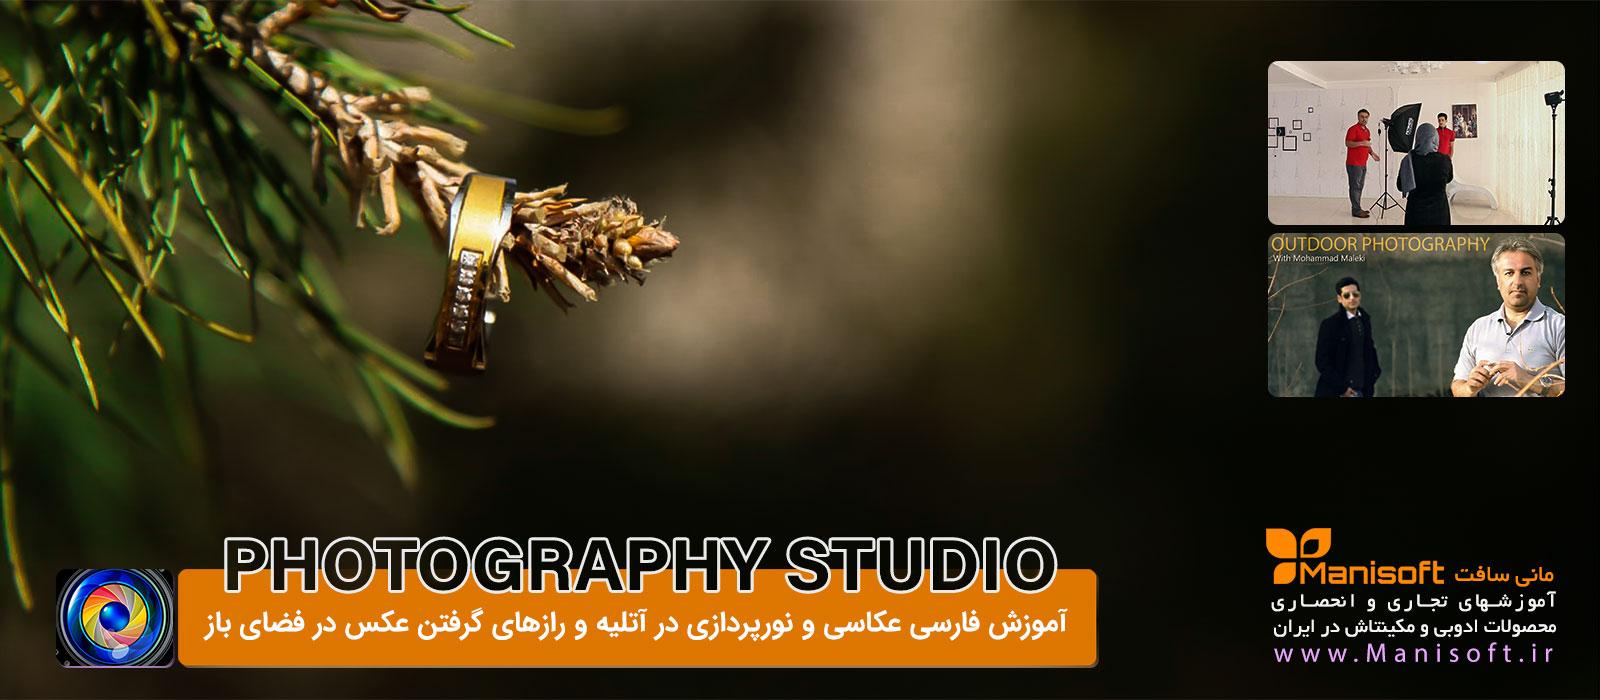 آموزش عکاسی پرتره و عکاسی در آتلیه با آموزش طراحی آلبوم و طراحی ژورنال